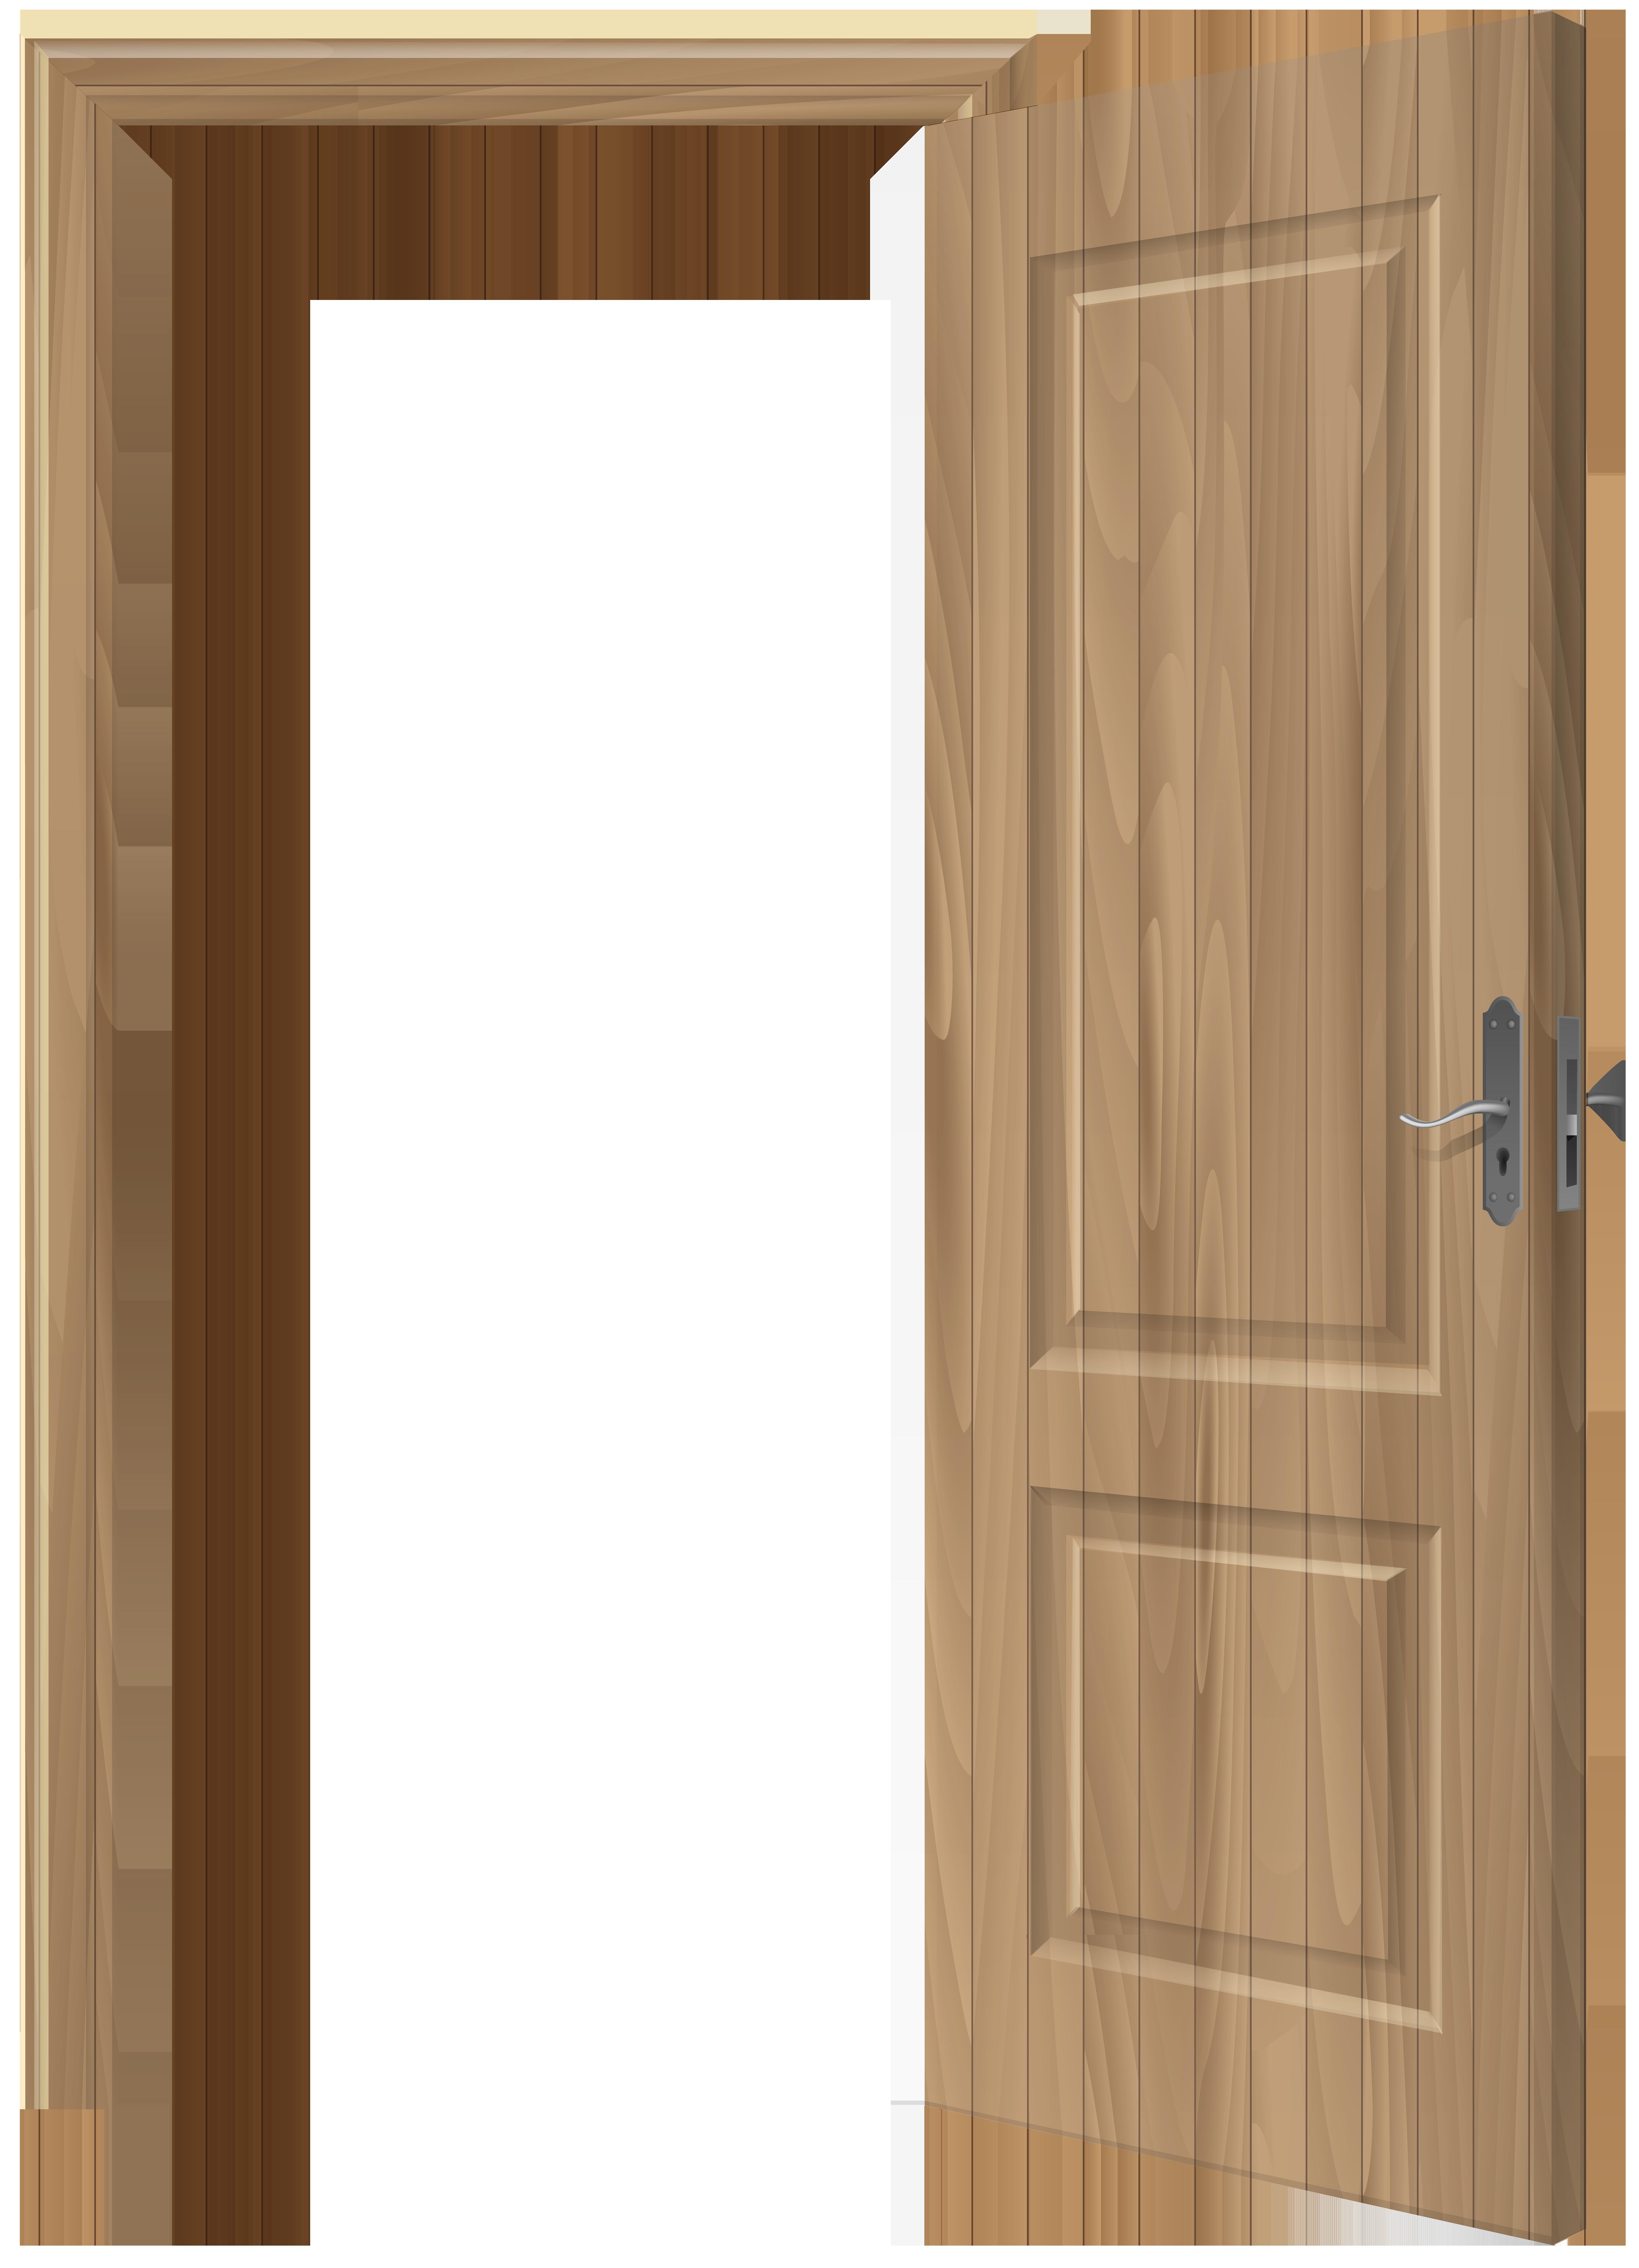 Door open clipart free library Download Free png Clipart door door ajar Graphics Illustrations Free ... free library